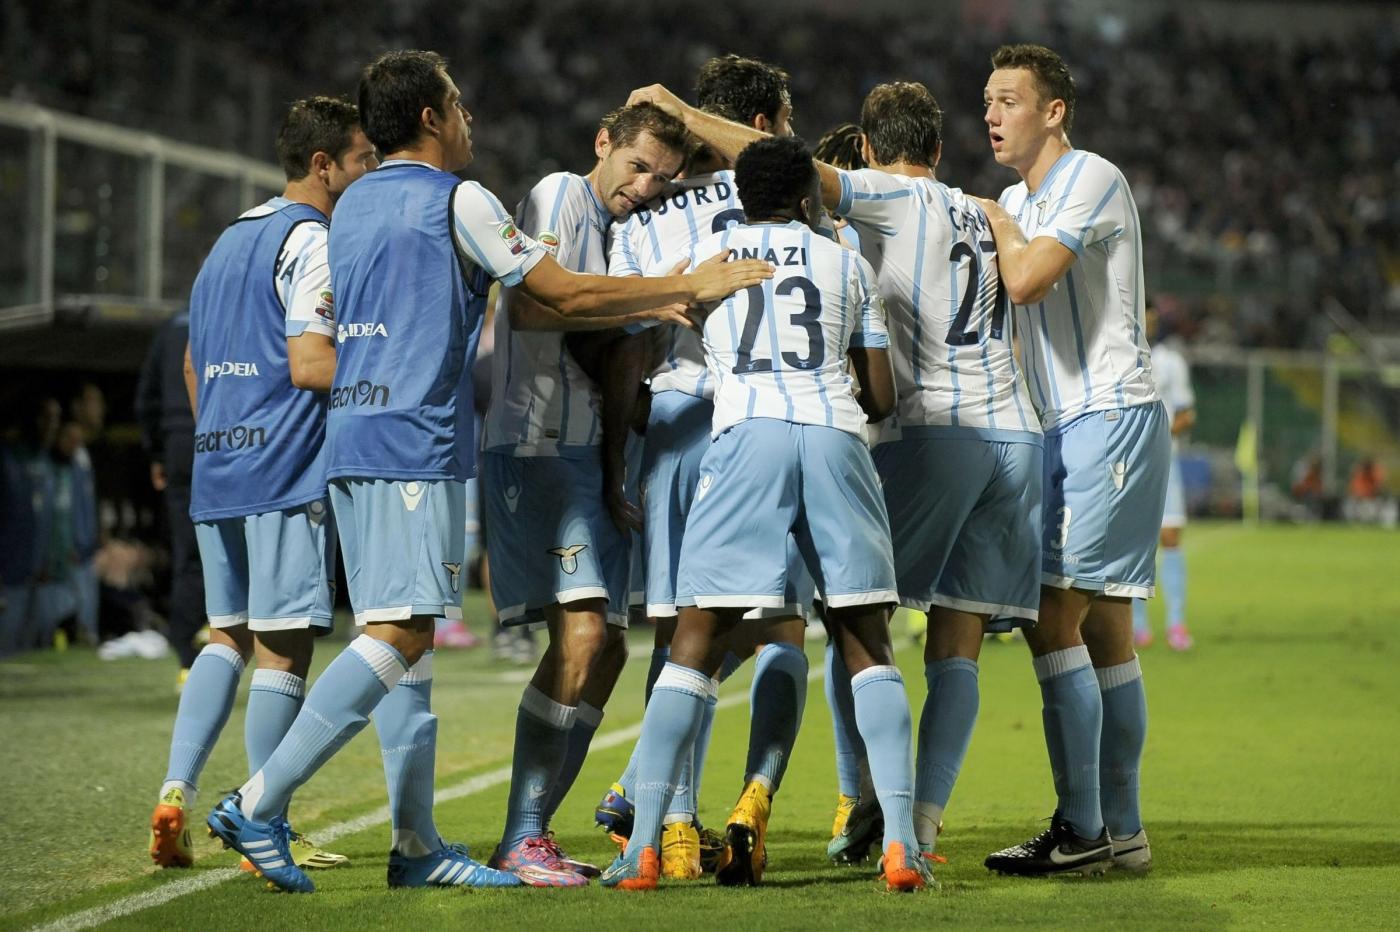 Palermo vs Lazio 0-4: sconfitta pesante per i rosanero